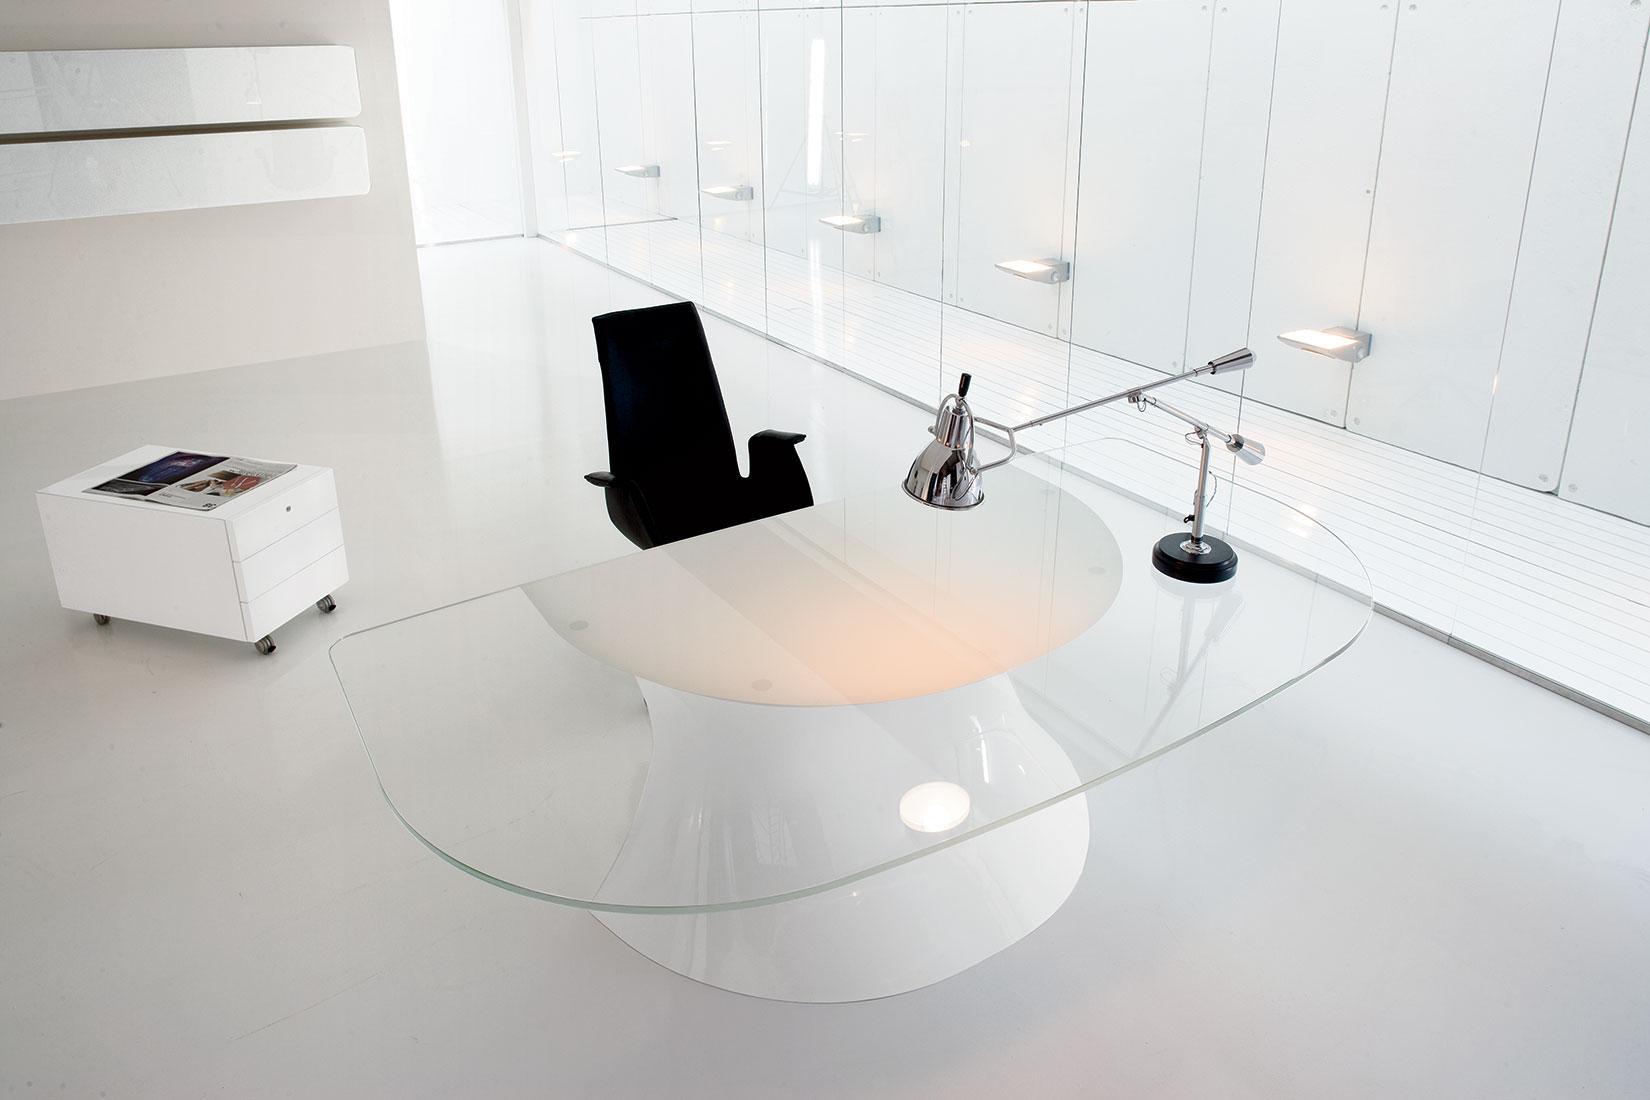 Ola scrivania direzionale in vetro e cristalplant italy for Scrivania direzionale